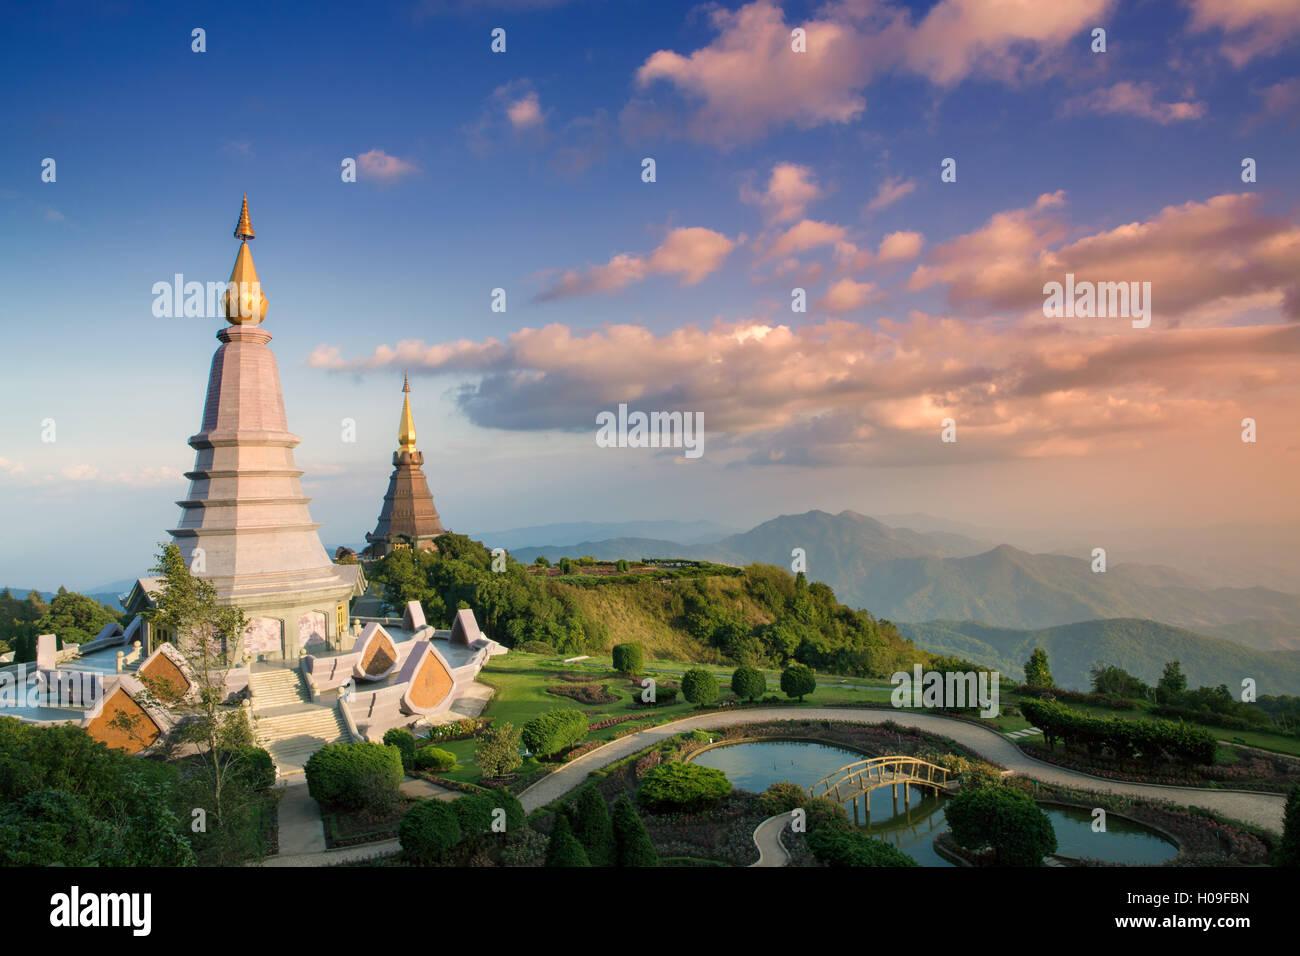 Tempel von Doi Inthanon, der höchste Berg in Thailand, Provinz Chiang Mai, Thailand, Südostasien, Asien Stockbild